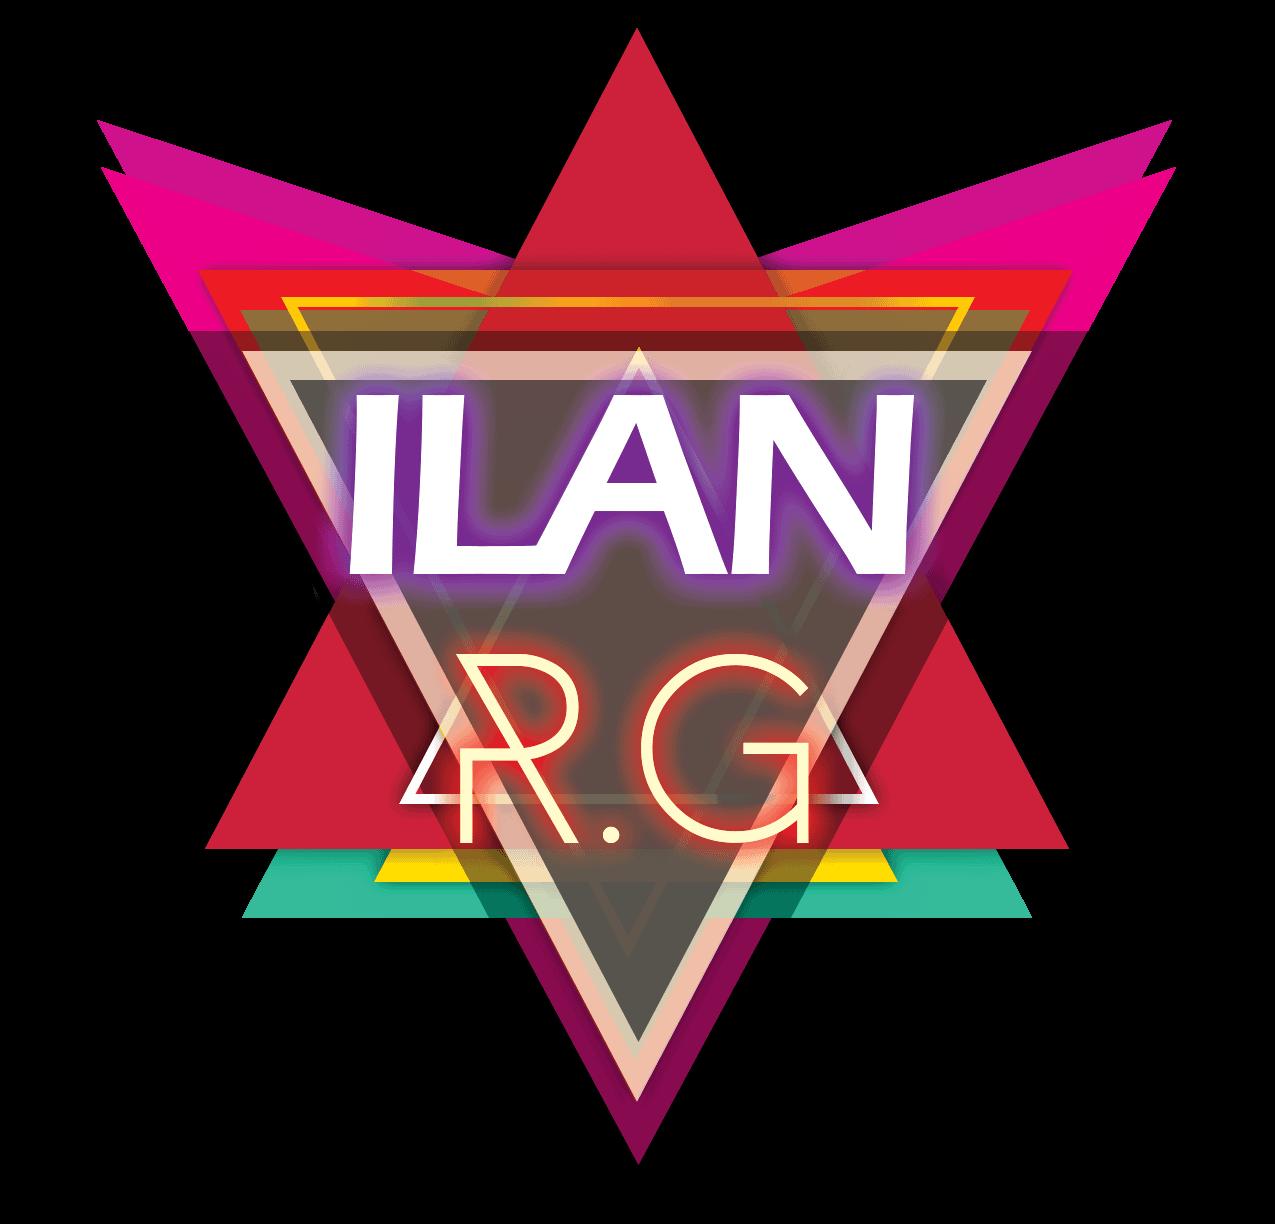 ilan rg logo - About Us